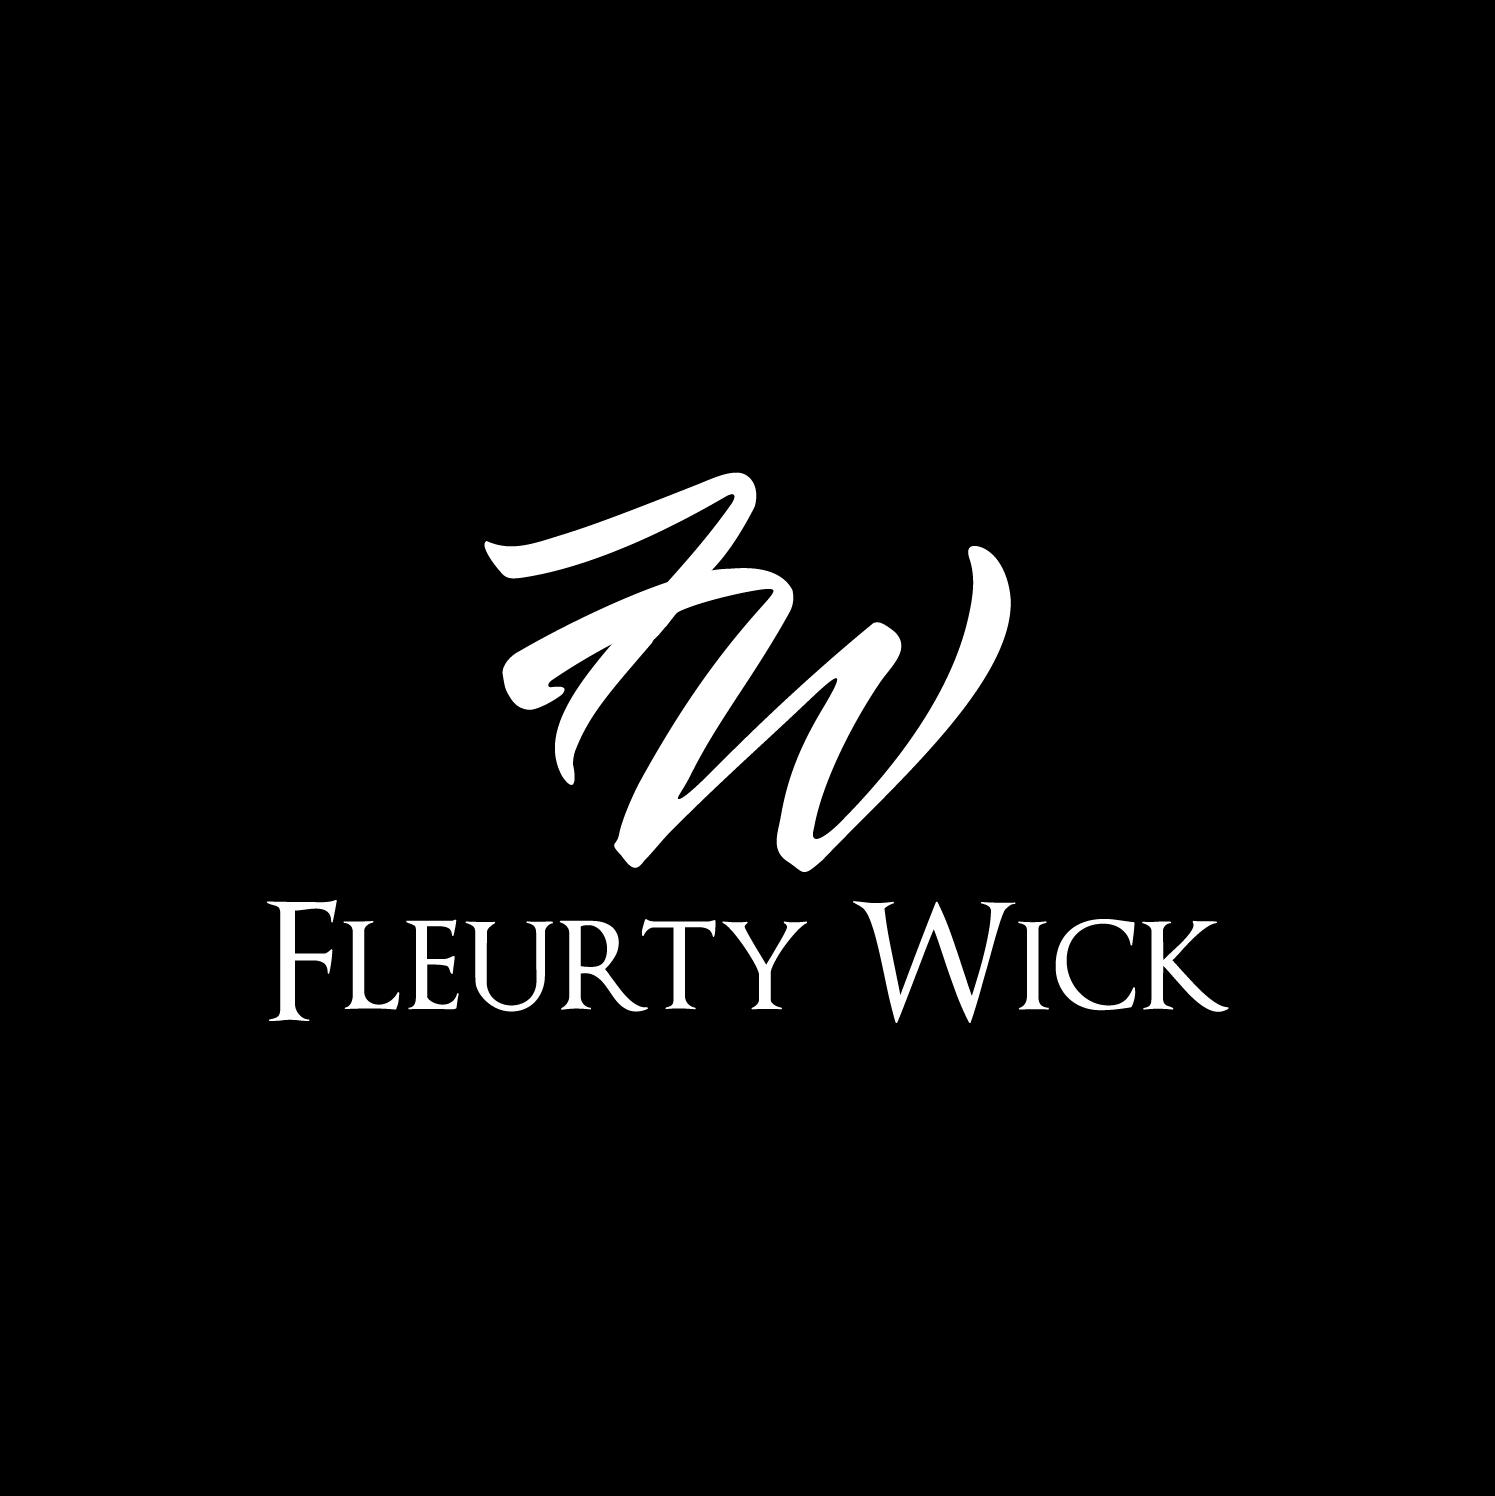 Fleurty Wick